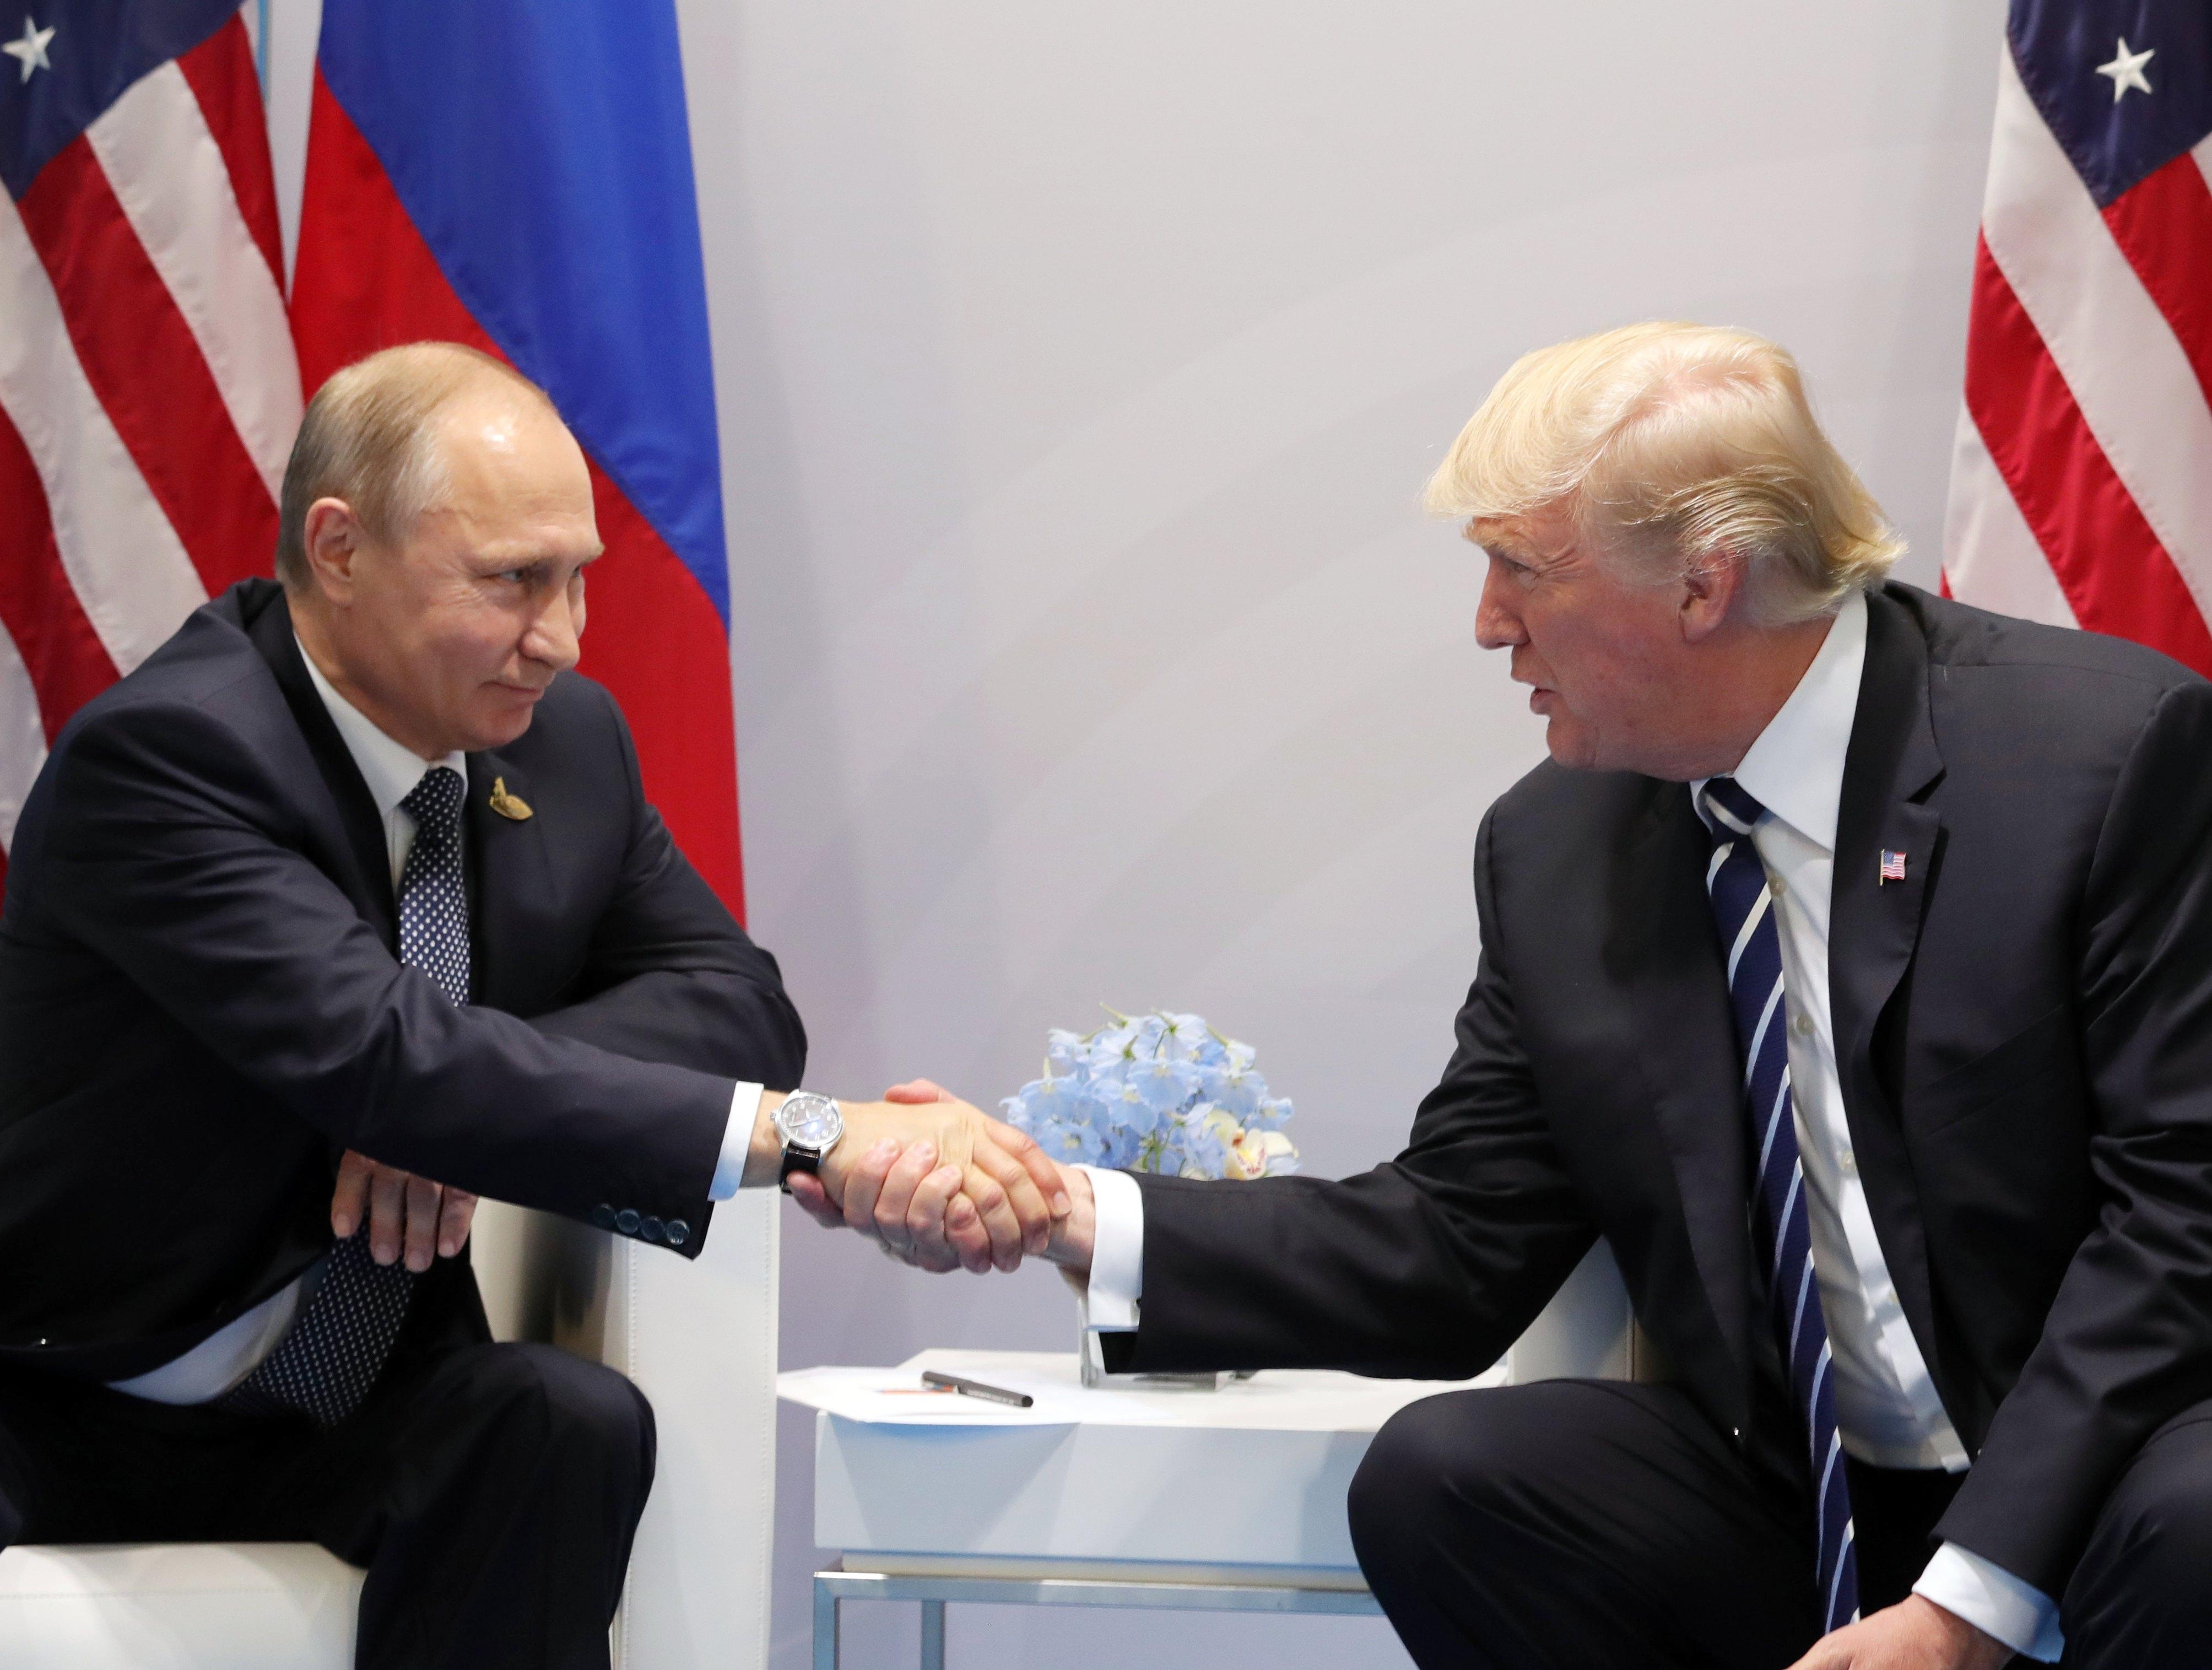 Lavrov: Moscou apoiará Trump se ele quiser normalizar relações com a Rússia